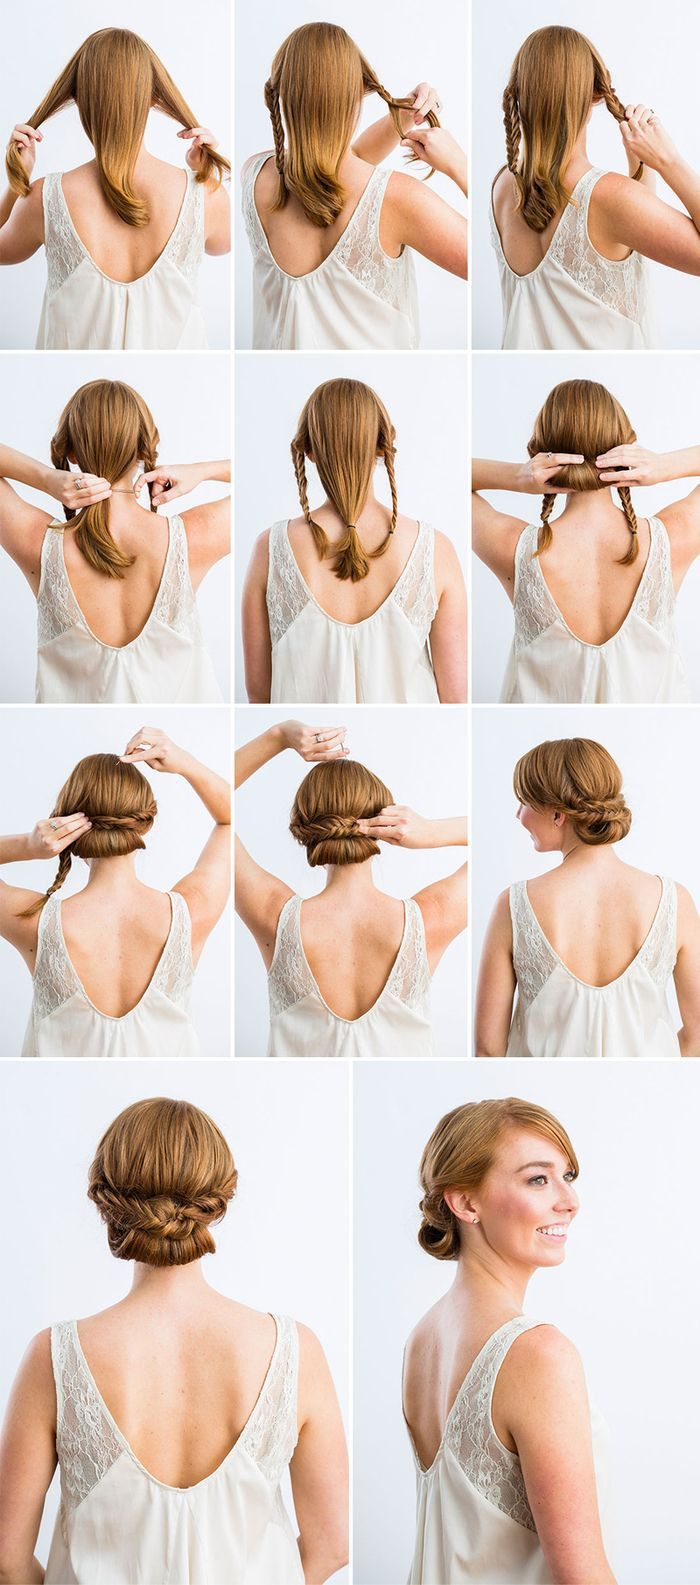 A Guide How To Easily And Quickly Make The Hairstyle Yourself Wedding Hair Eas Frisur Selber Machen Hochzeit Brautjungfern Frisuren Leichte Hochsteckfrisuren